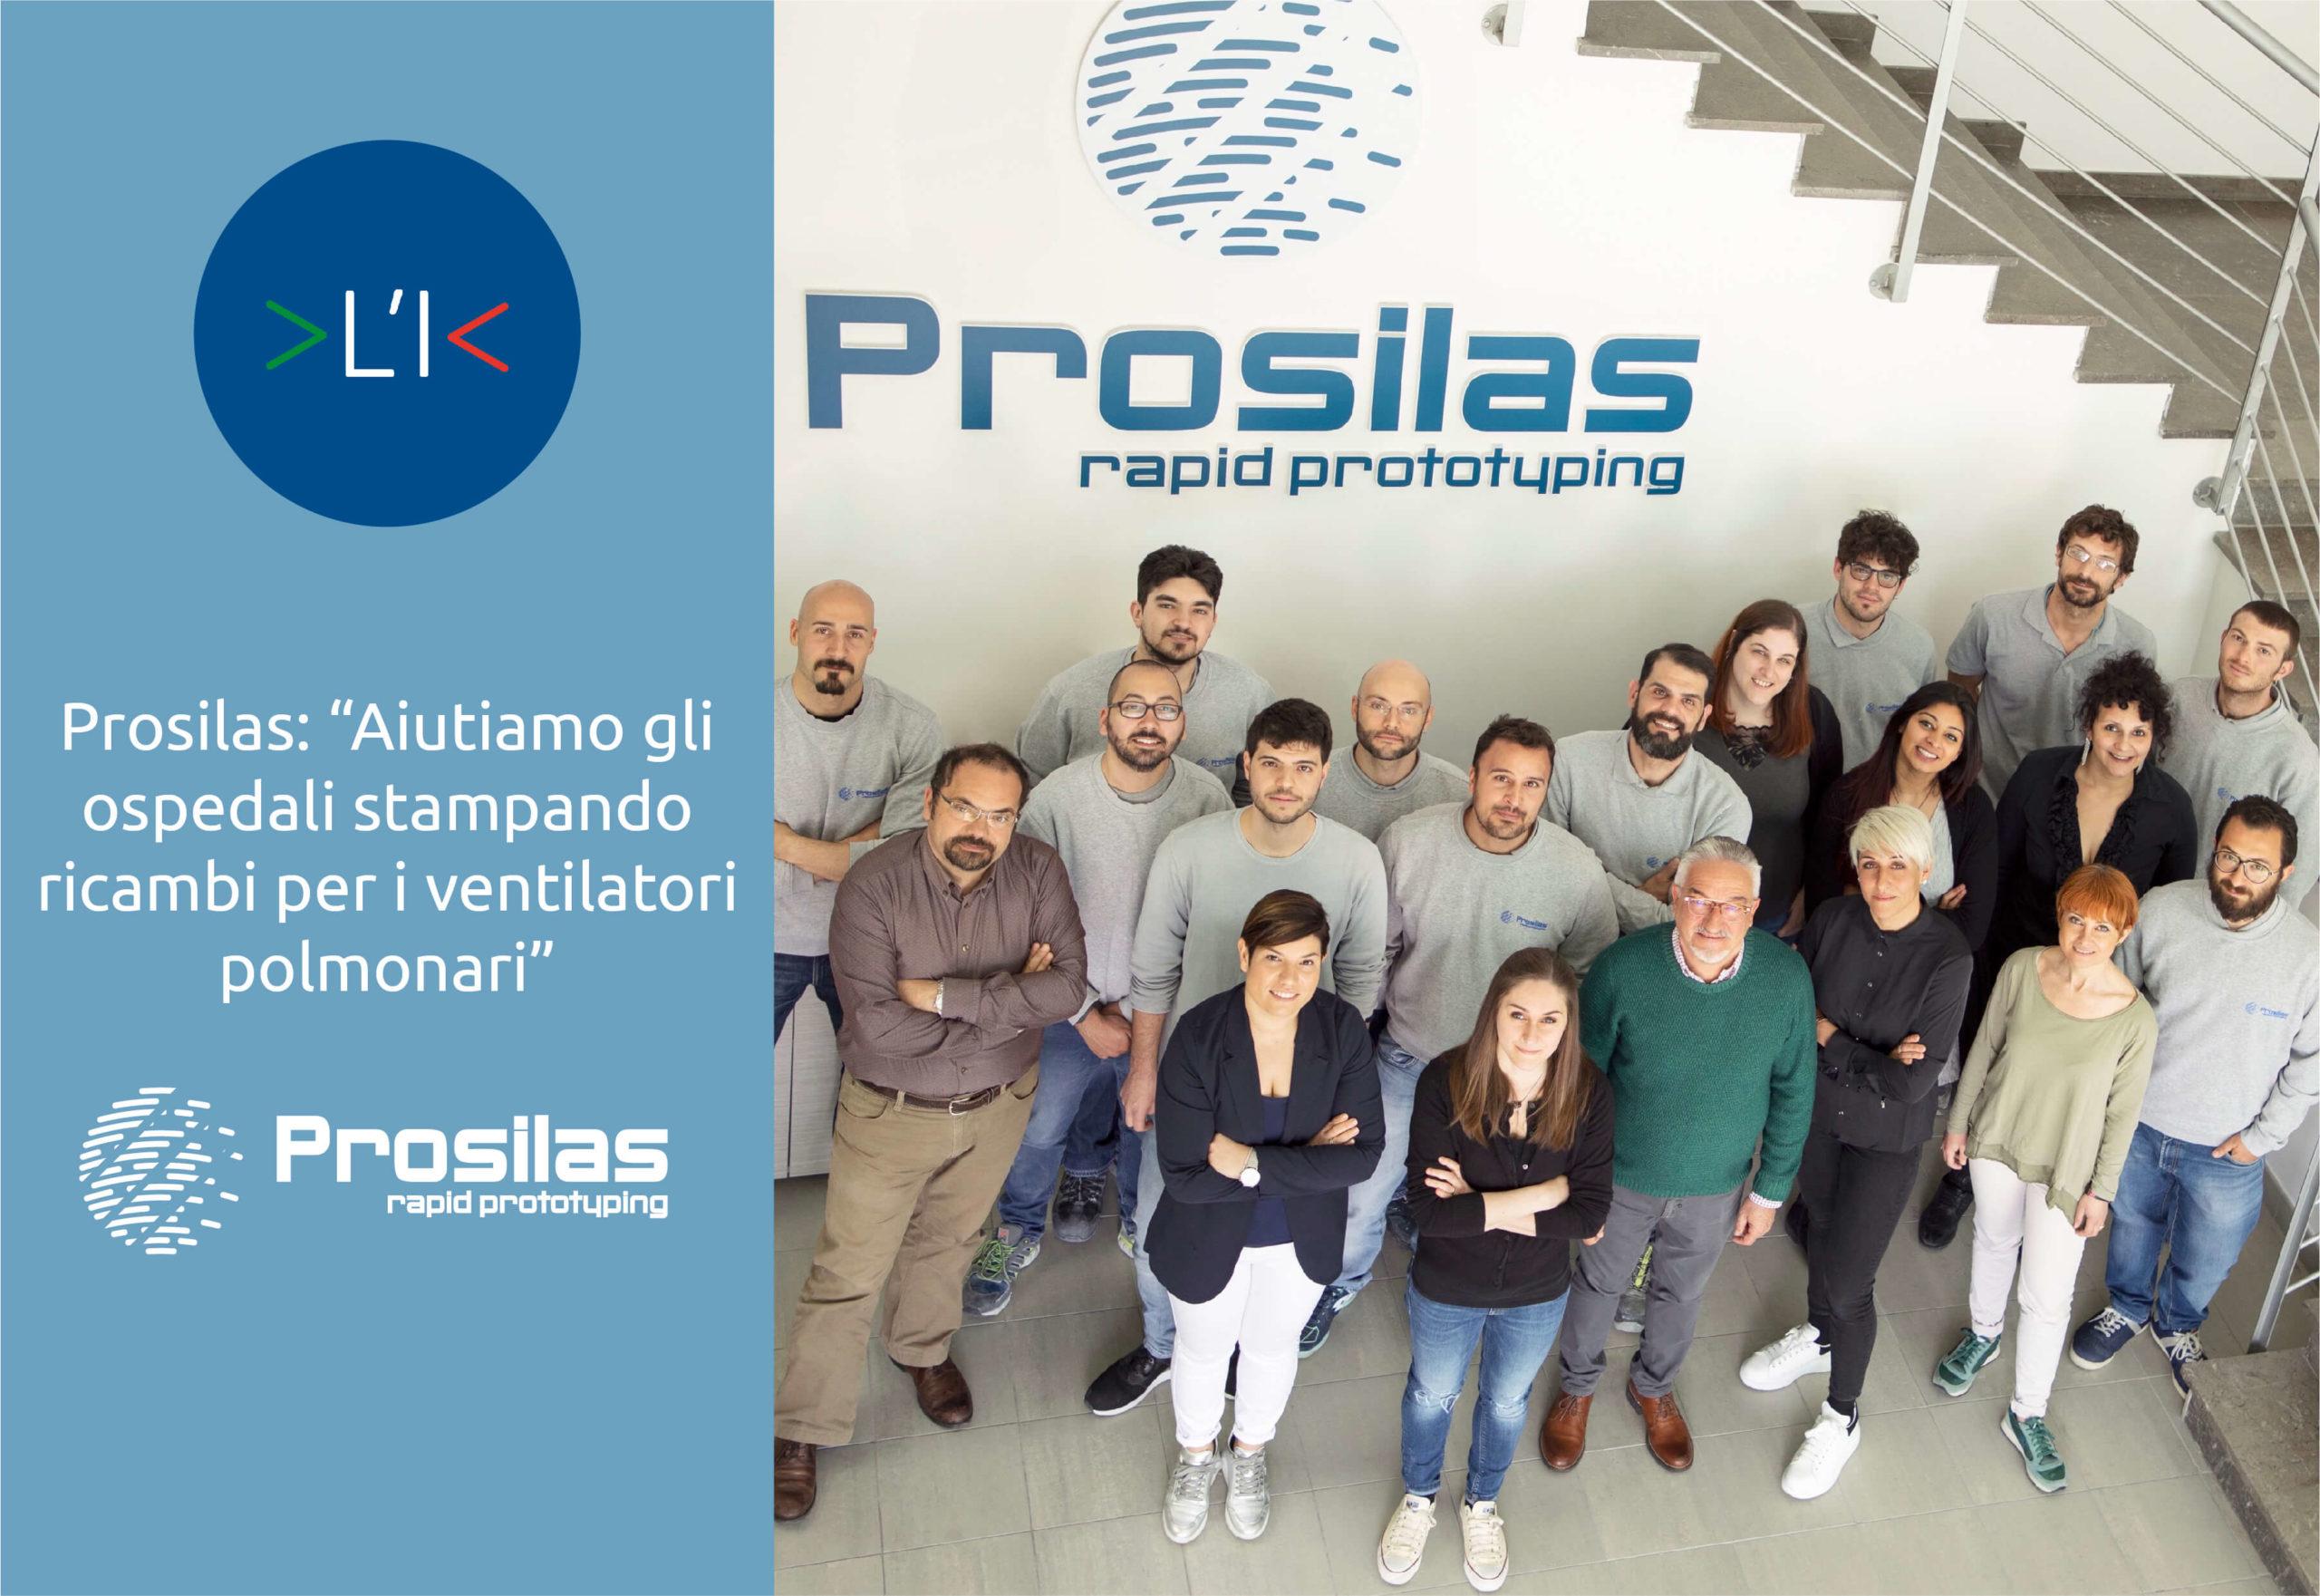 """Prosilas: """"Aiutiamo gli ospedali stampando ricambi per i ventilatori polmonari"""""""